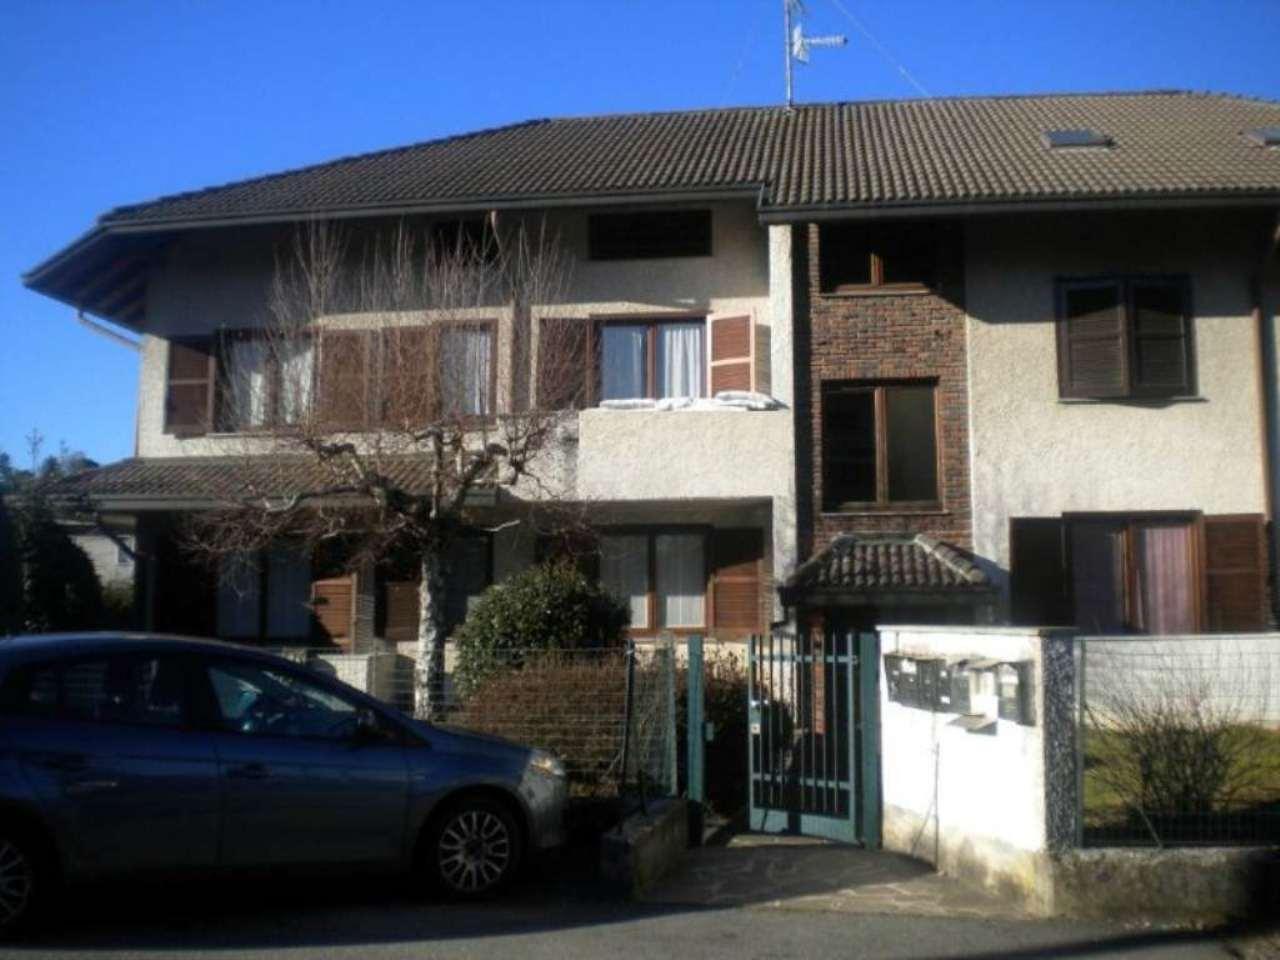 Appartamento in vendita a Albizzate, 3 locali, prezzo € 175.000 | Cambio Casa.it